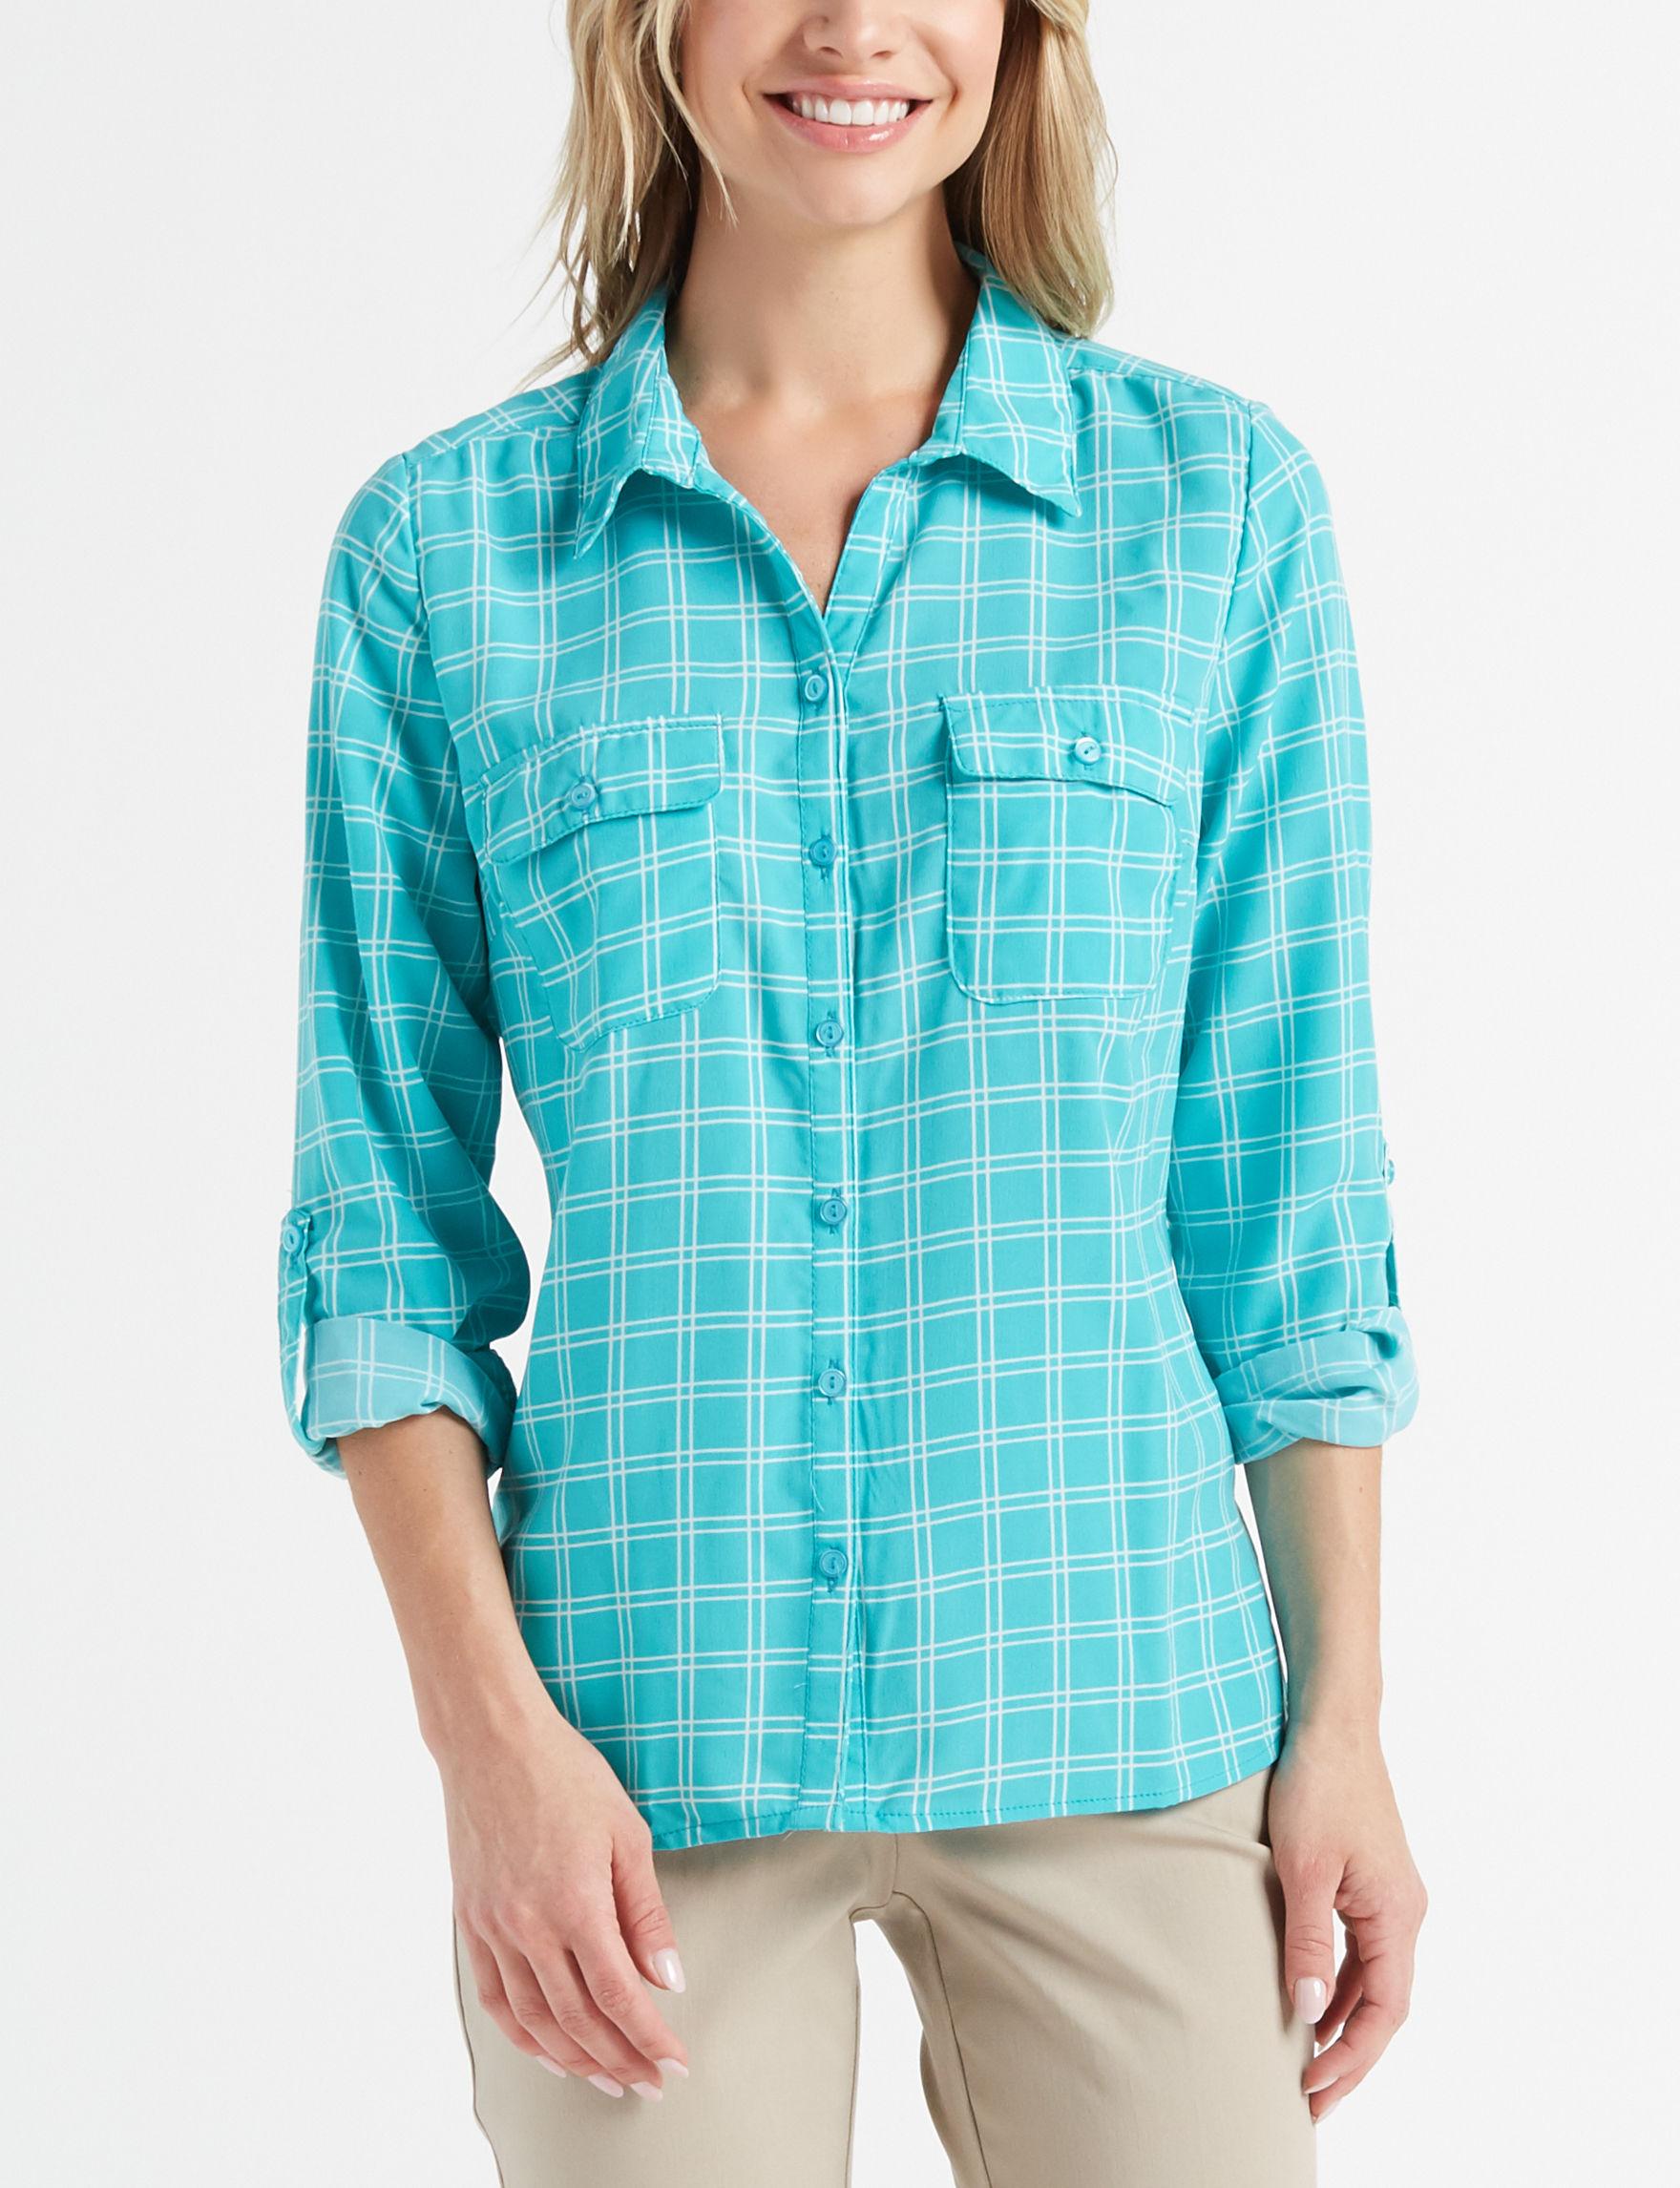 Rebecca Malone Aqua / White Shirts & Blouses